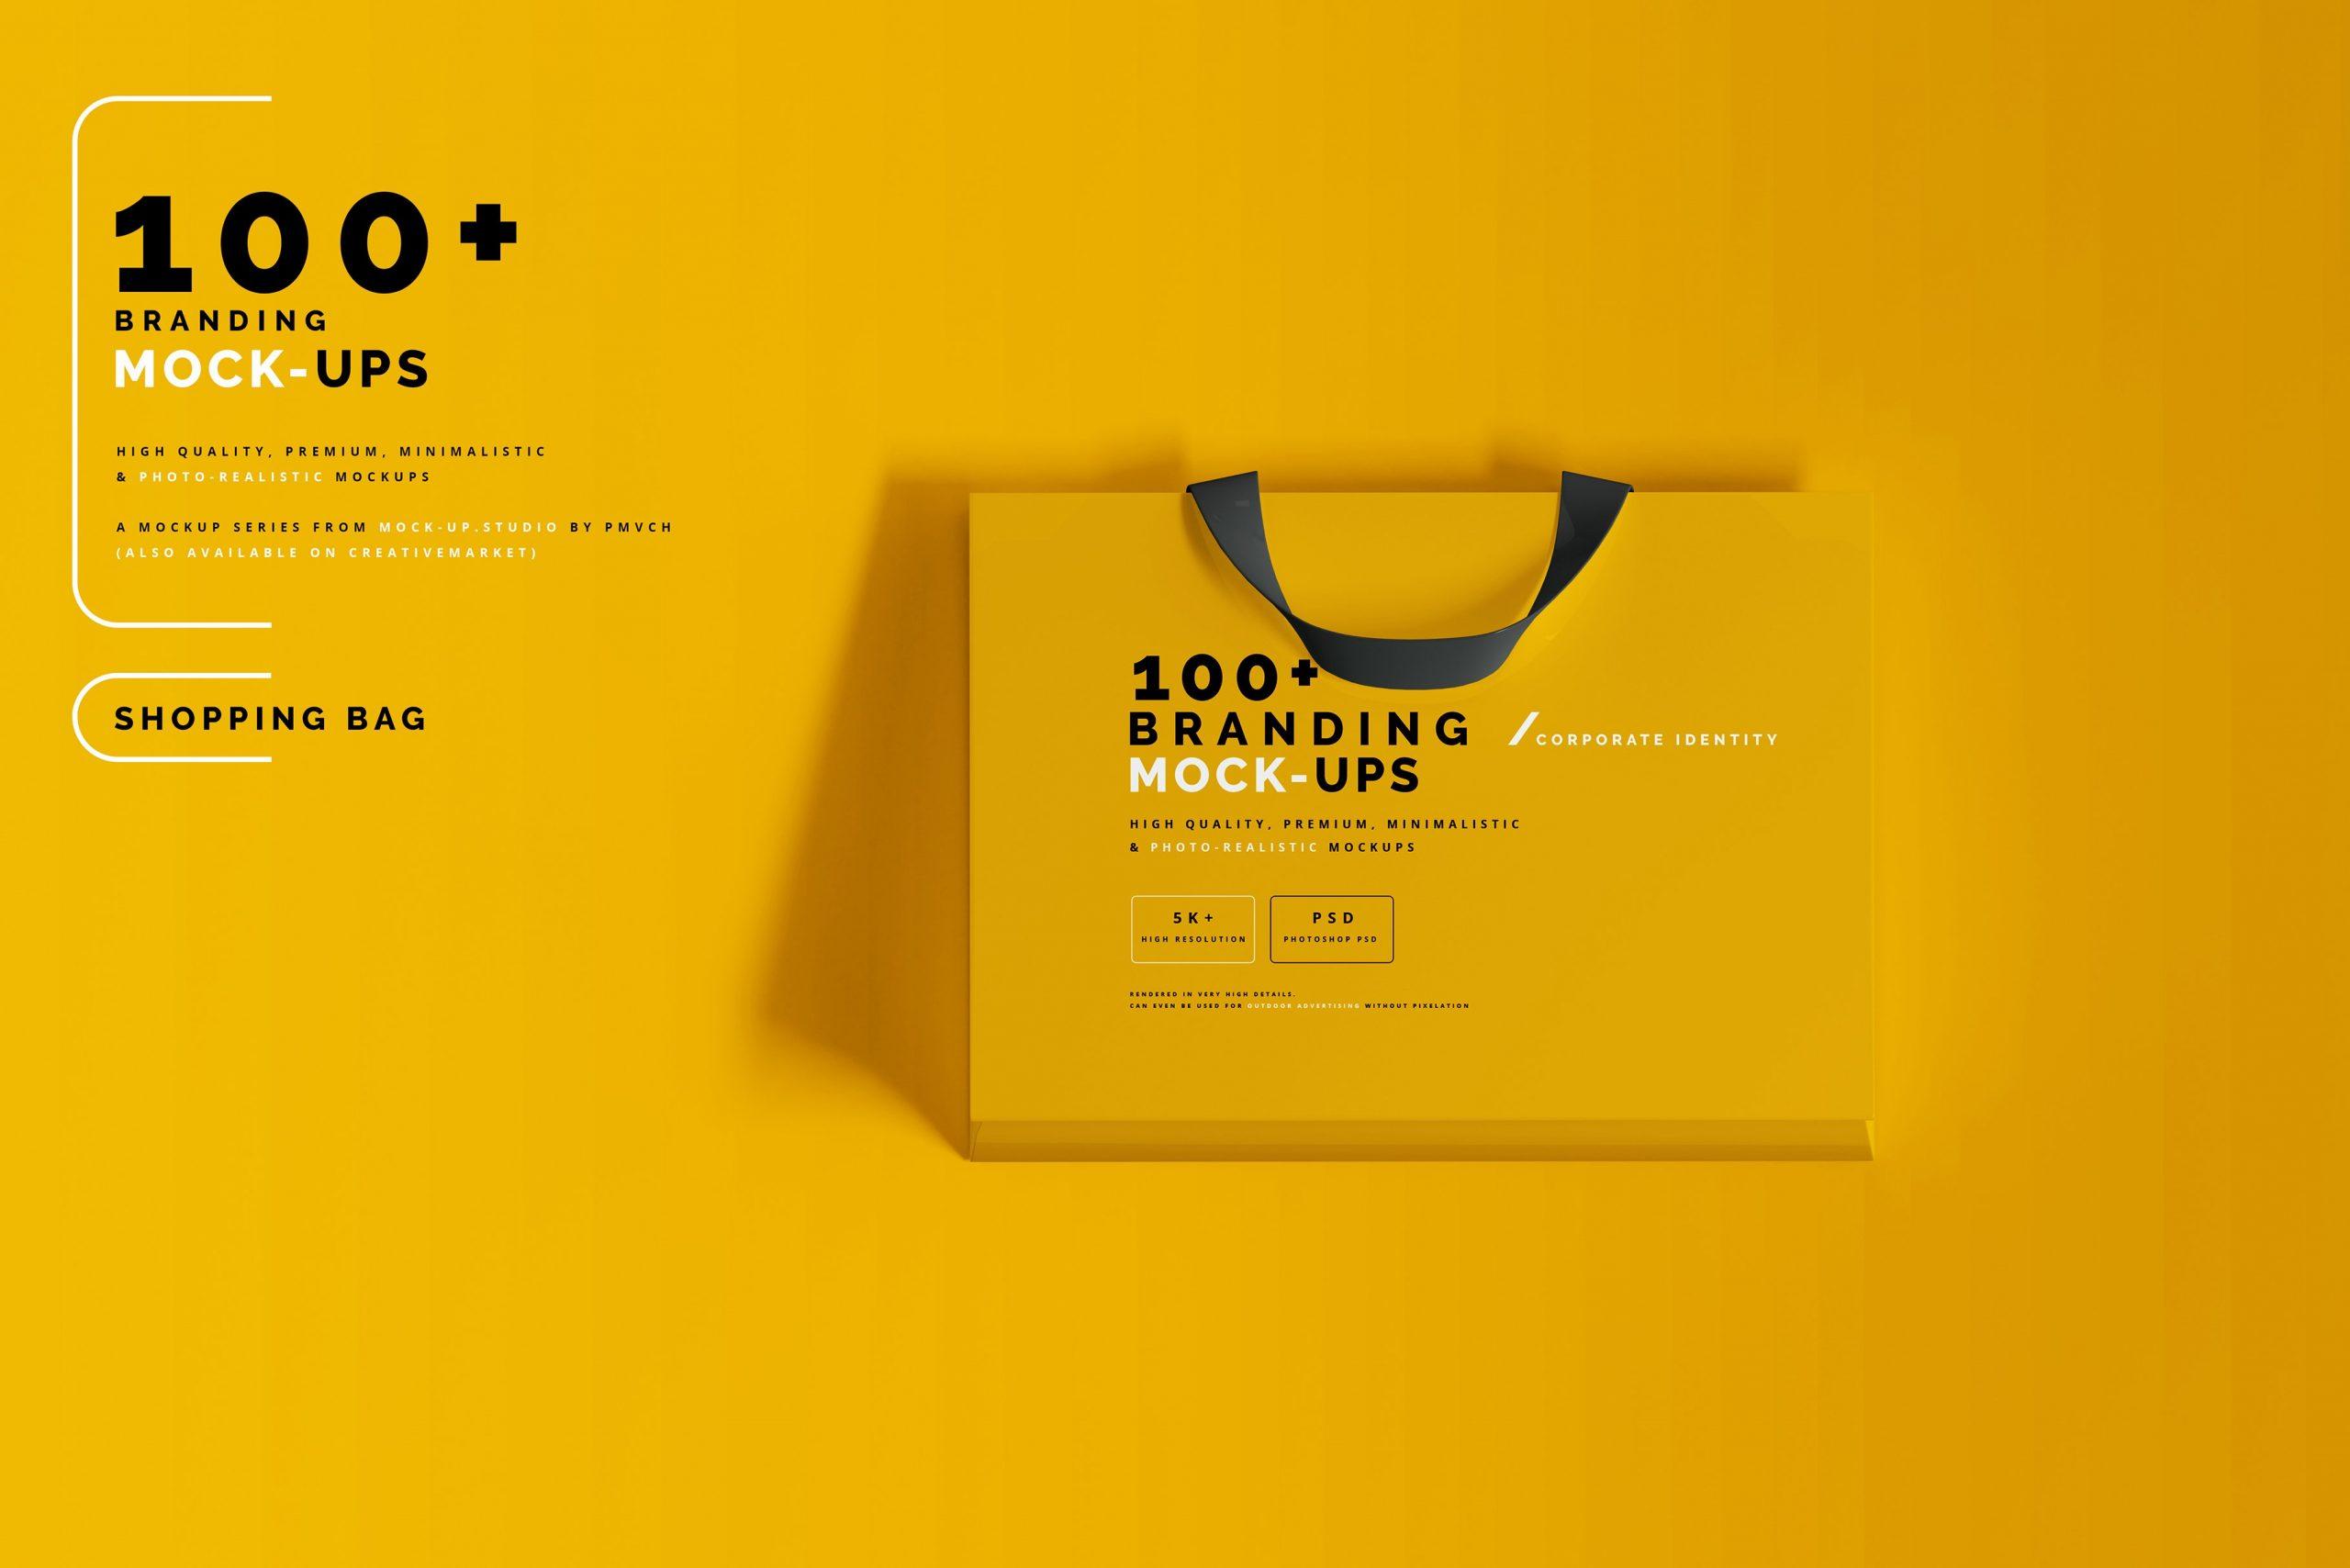 VI样机:100多个宣传册书籍瓶子名片CD封套咖啡杯化妆品海报横幅高分辨率品牌PSD样机(4248)插图(36)